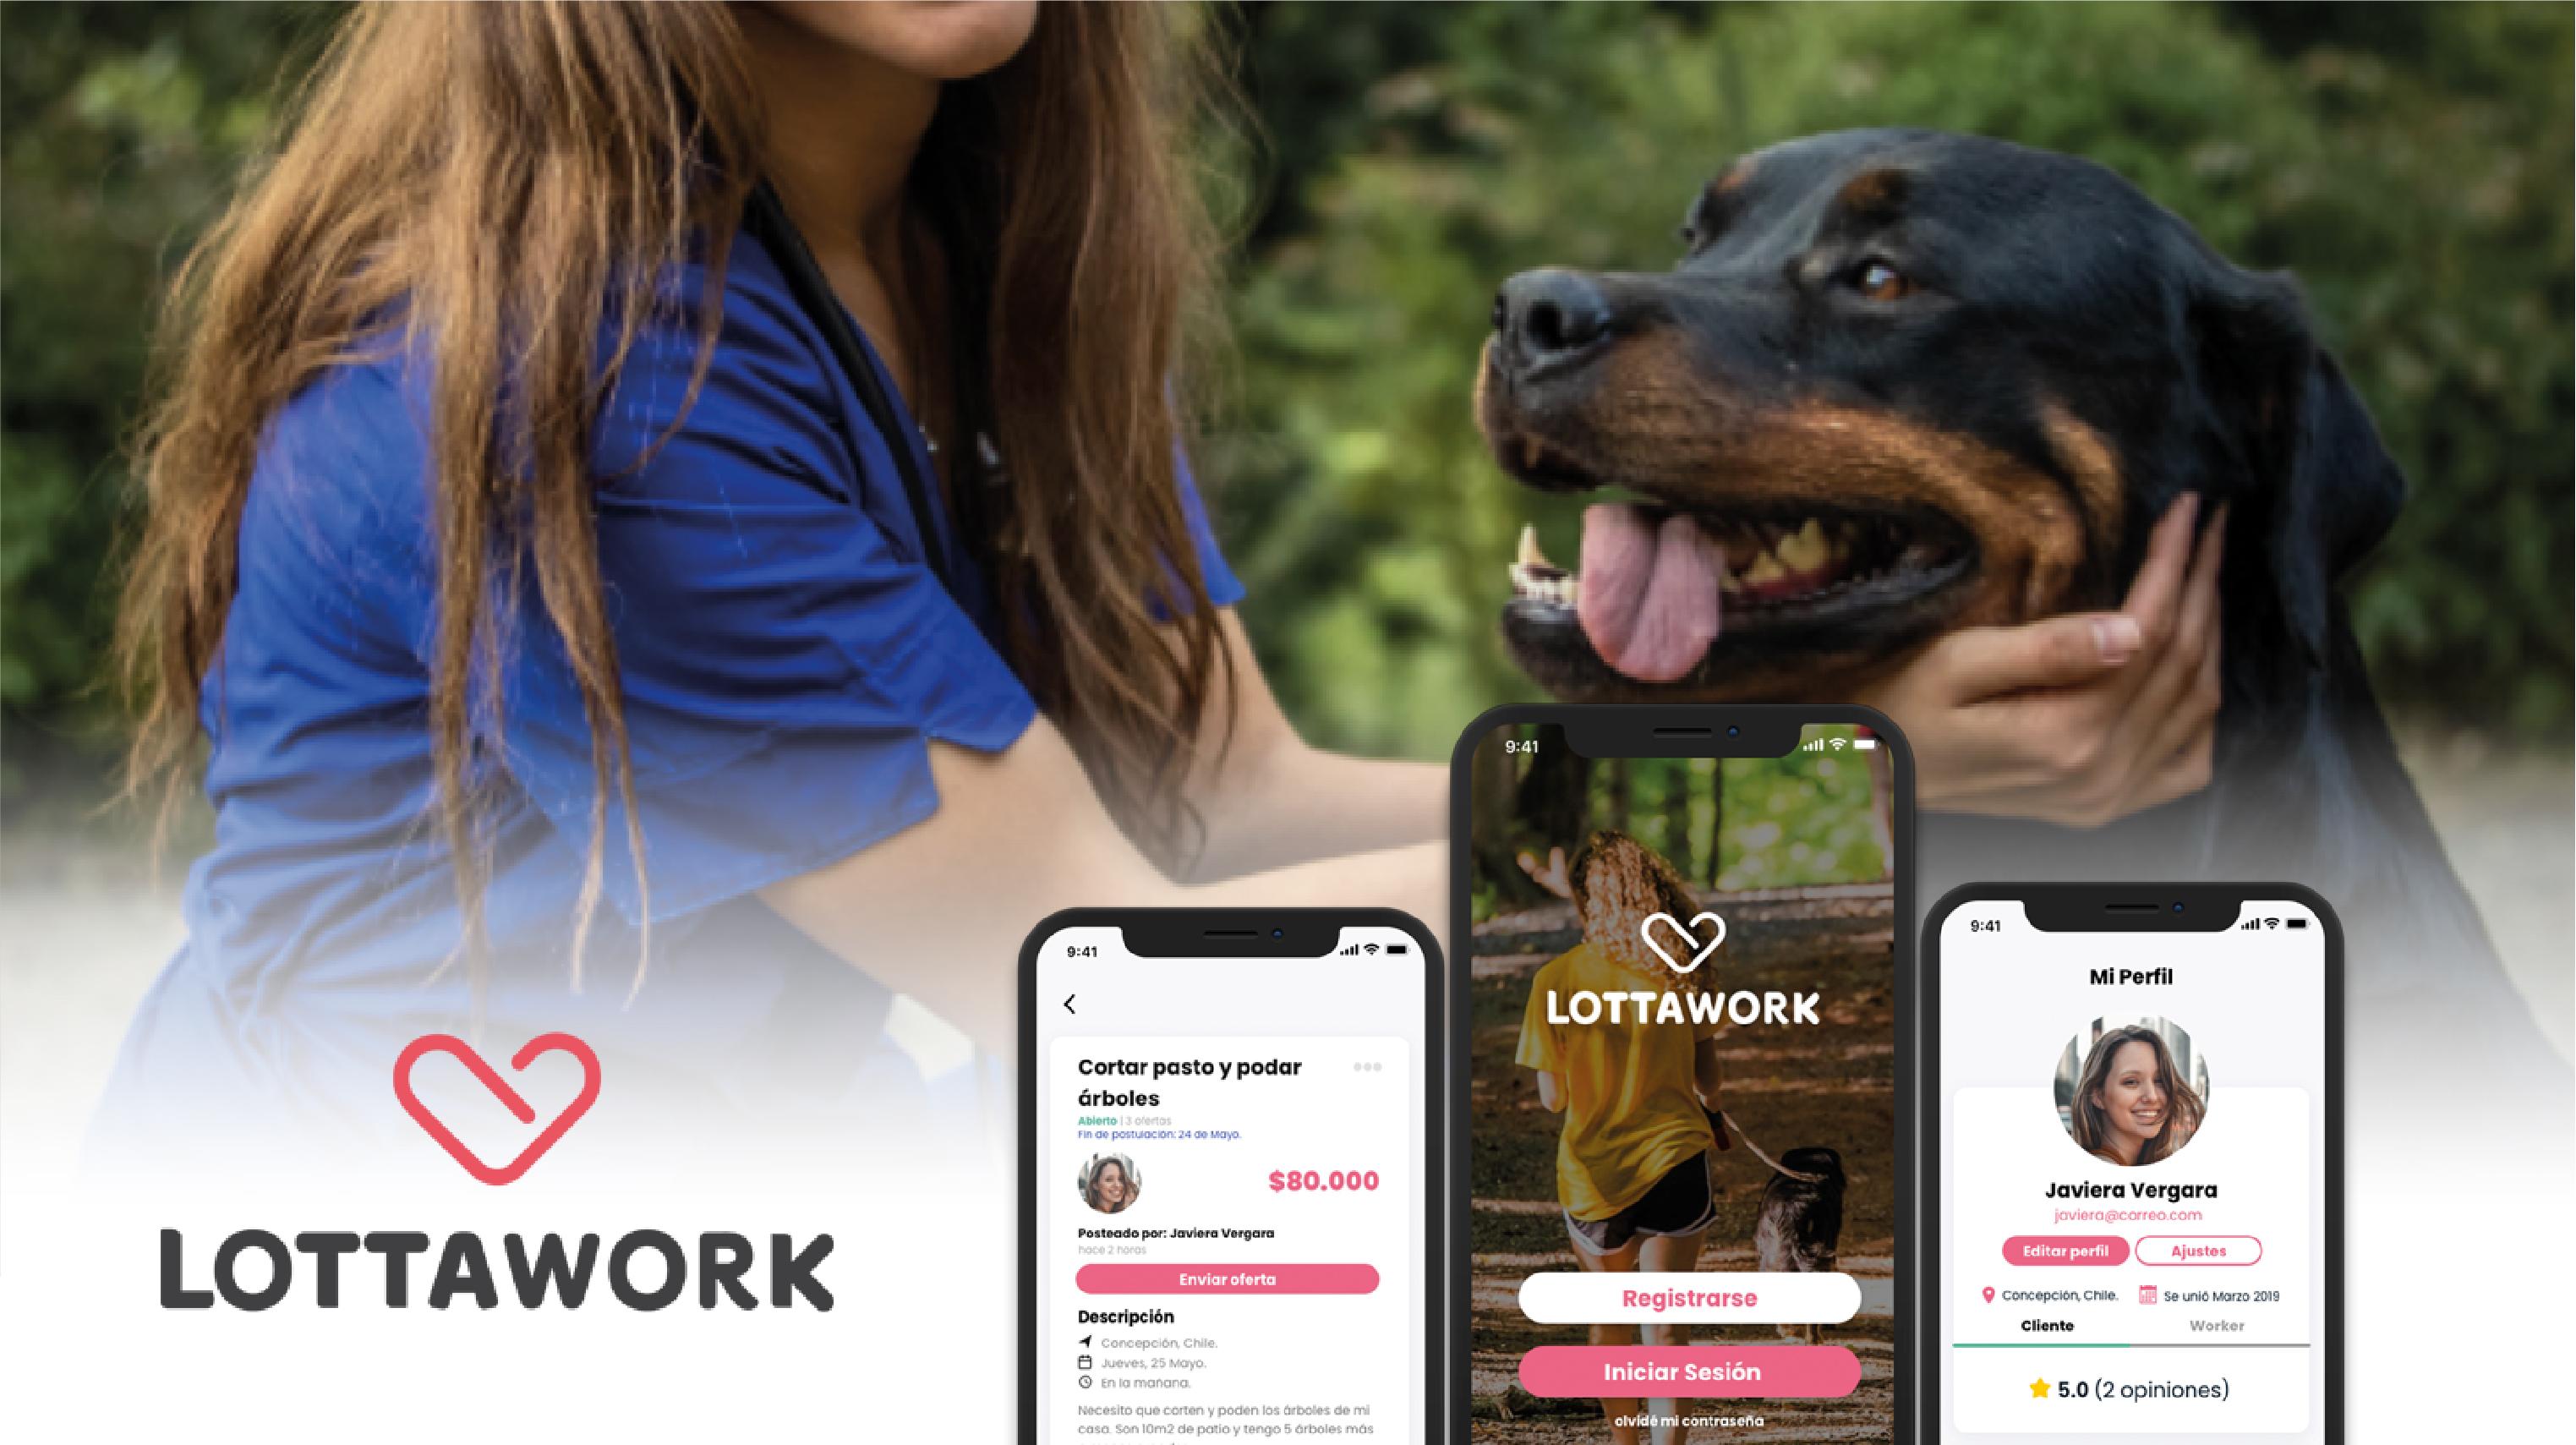 App busca ser el nexo entre quien necesita un servicio y quien lo ofrece.